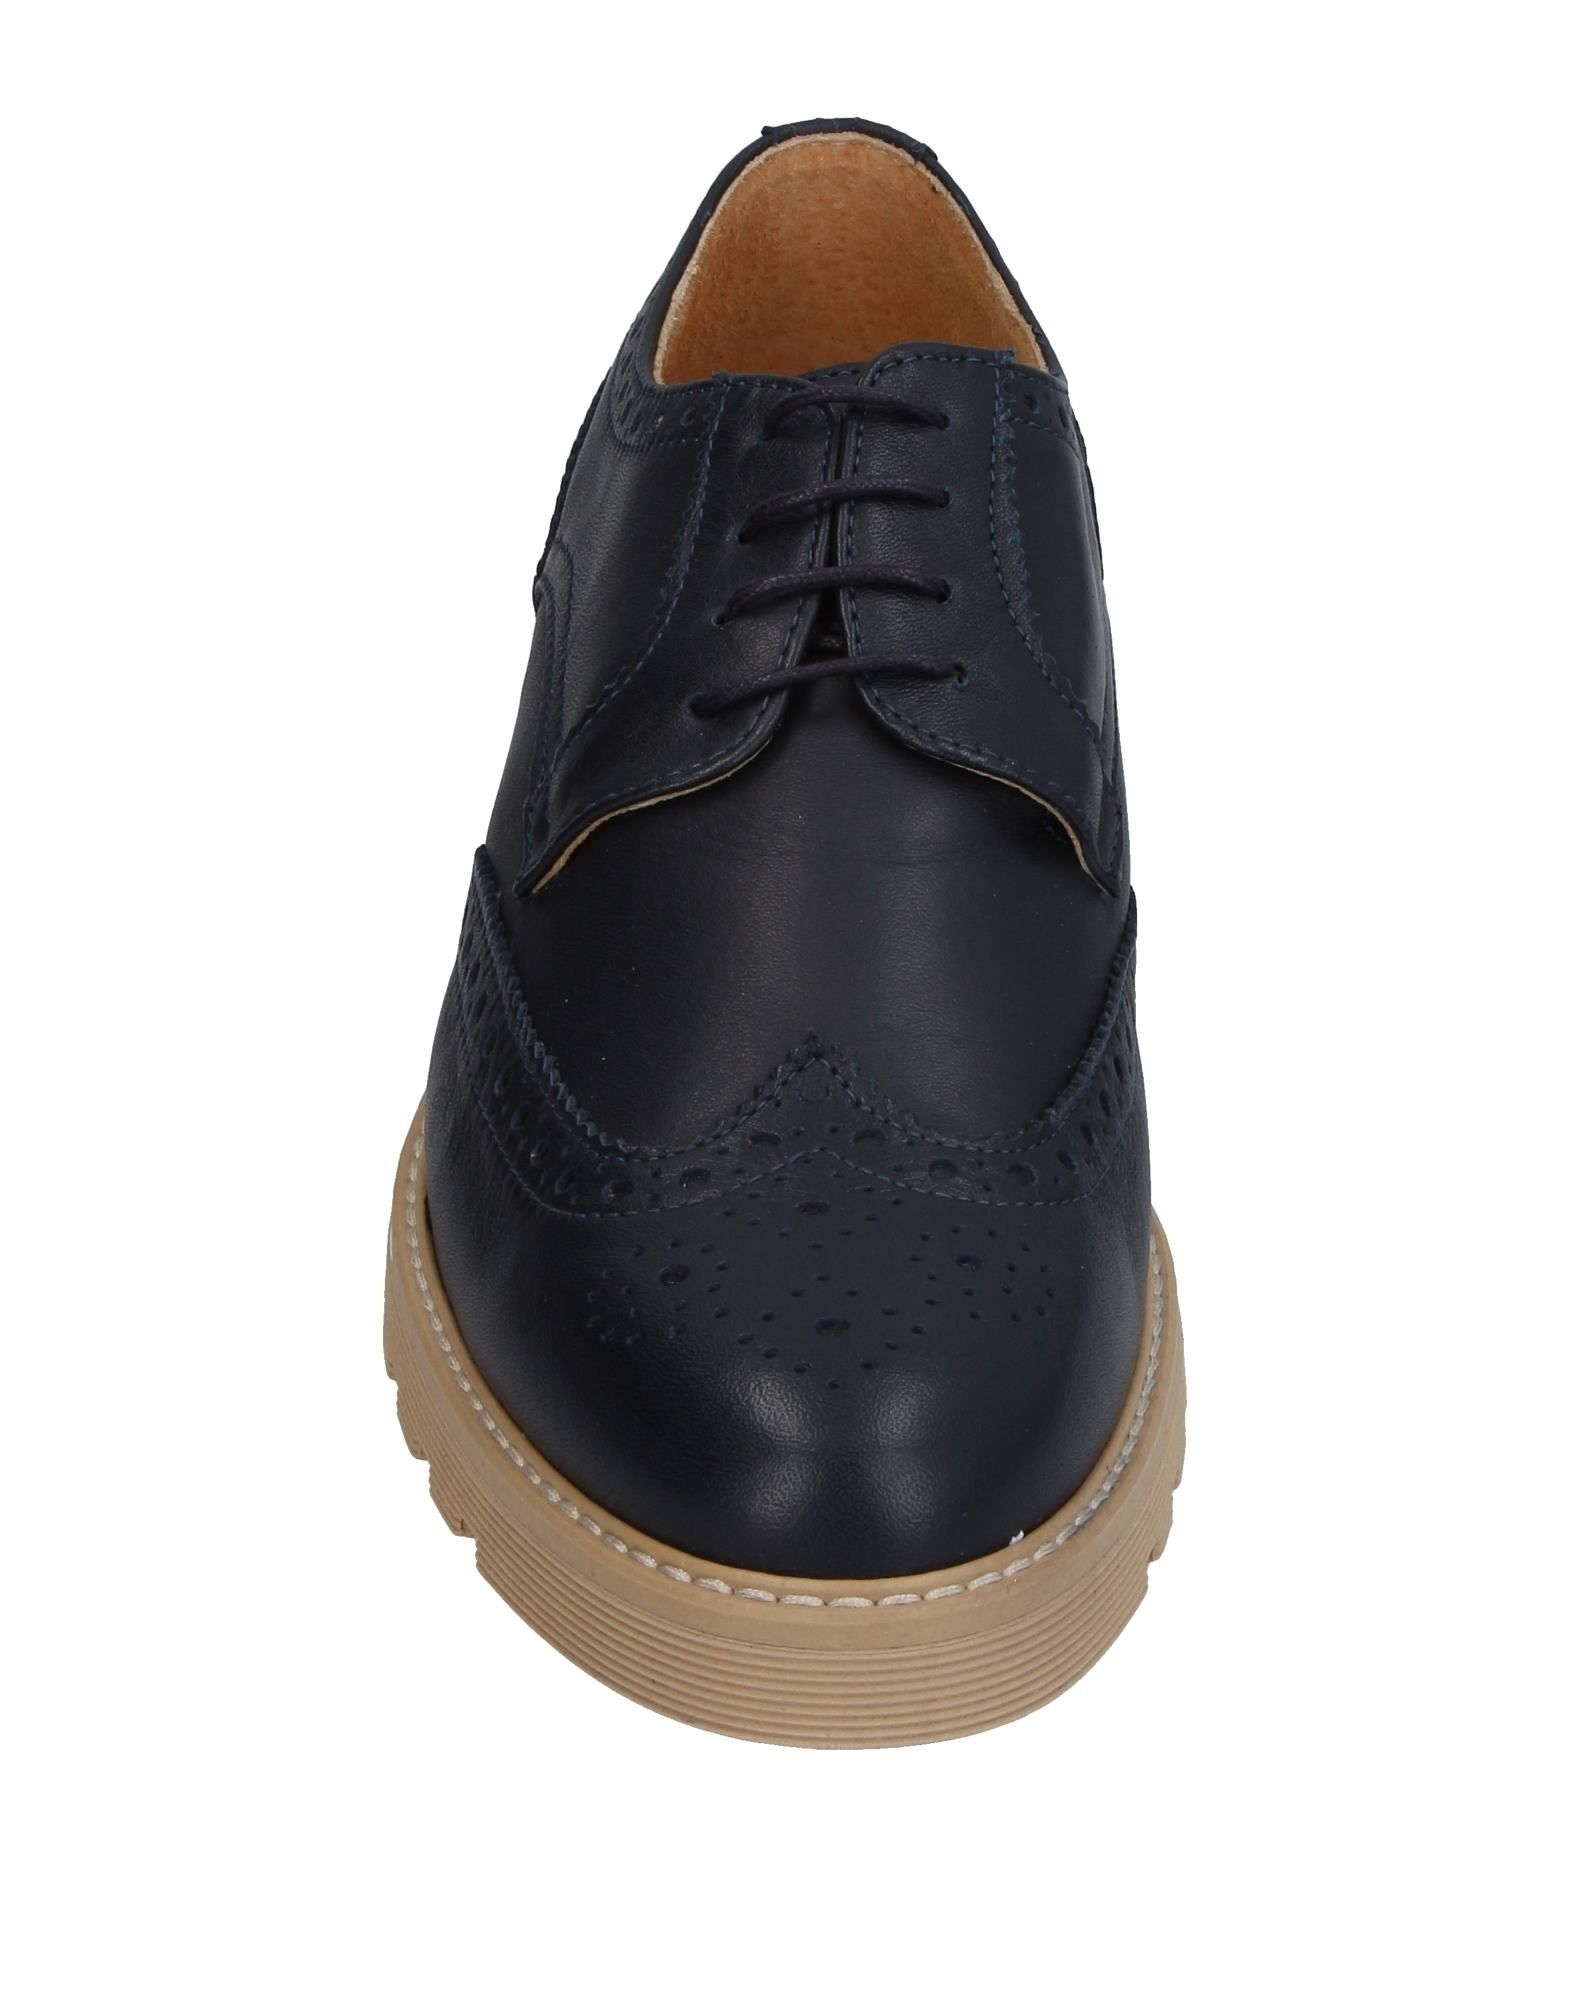 Chaussures À Lacets At.P.Co Homme - Chaussures À Lacets At.P.Co sur